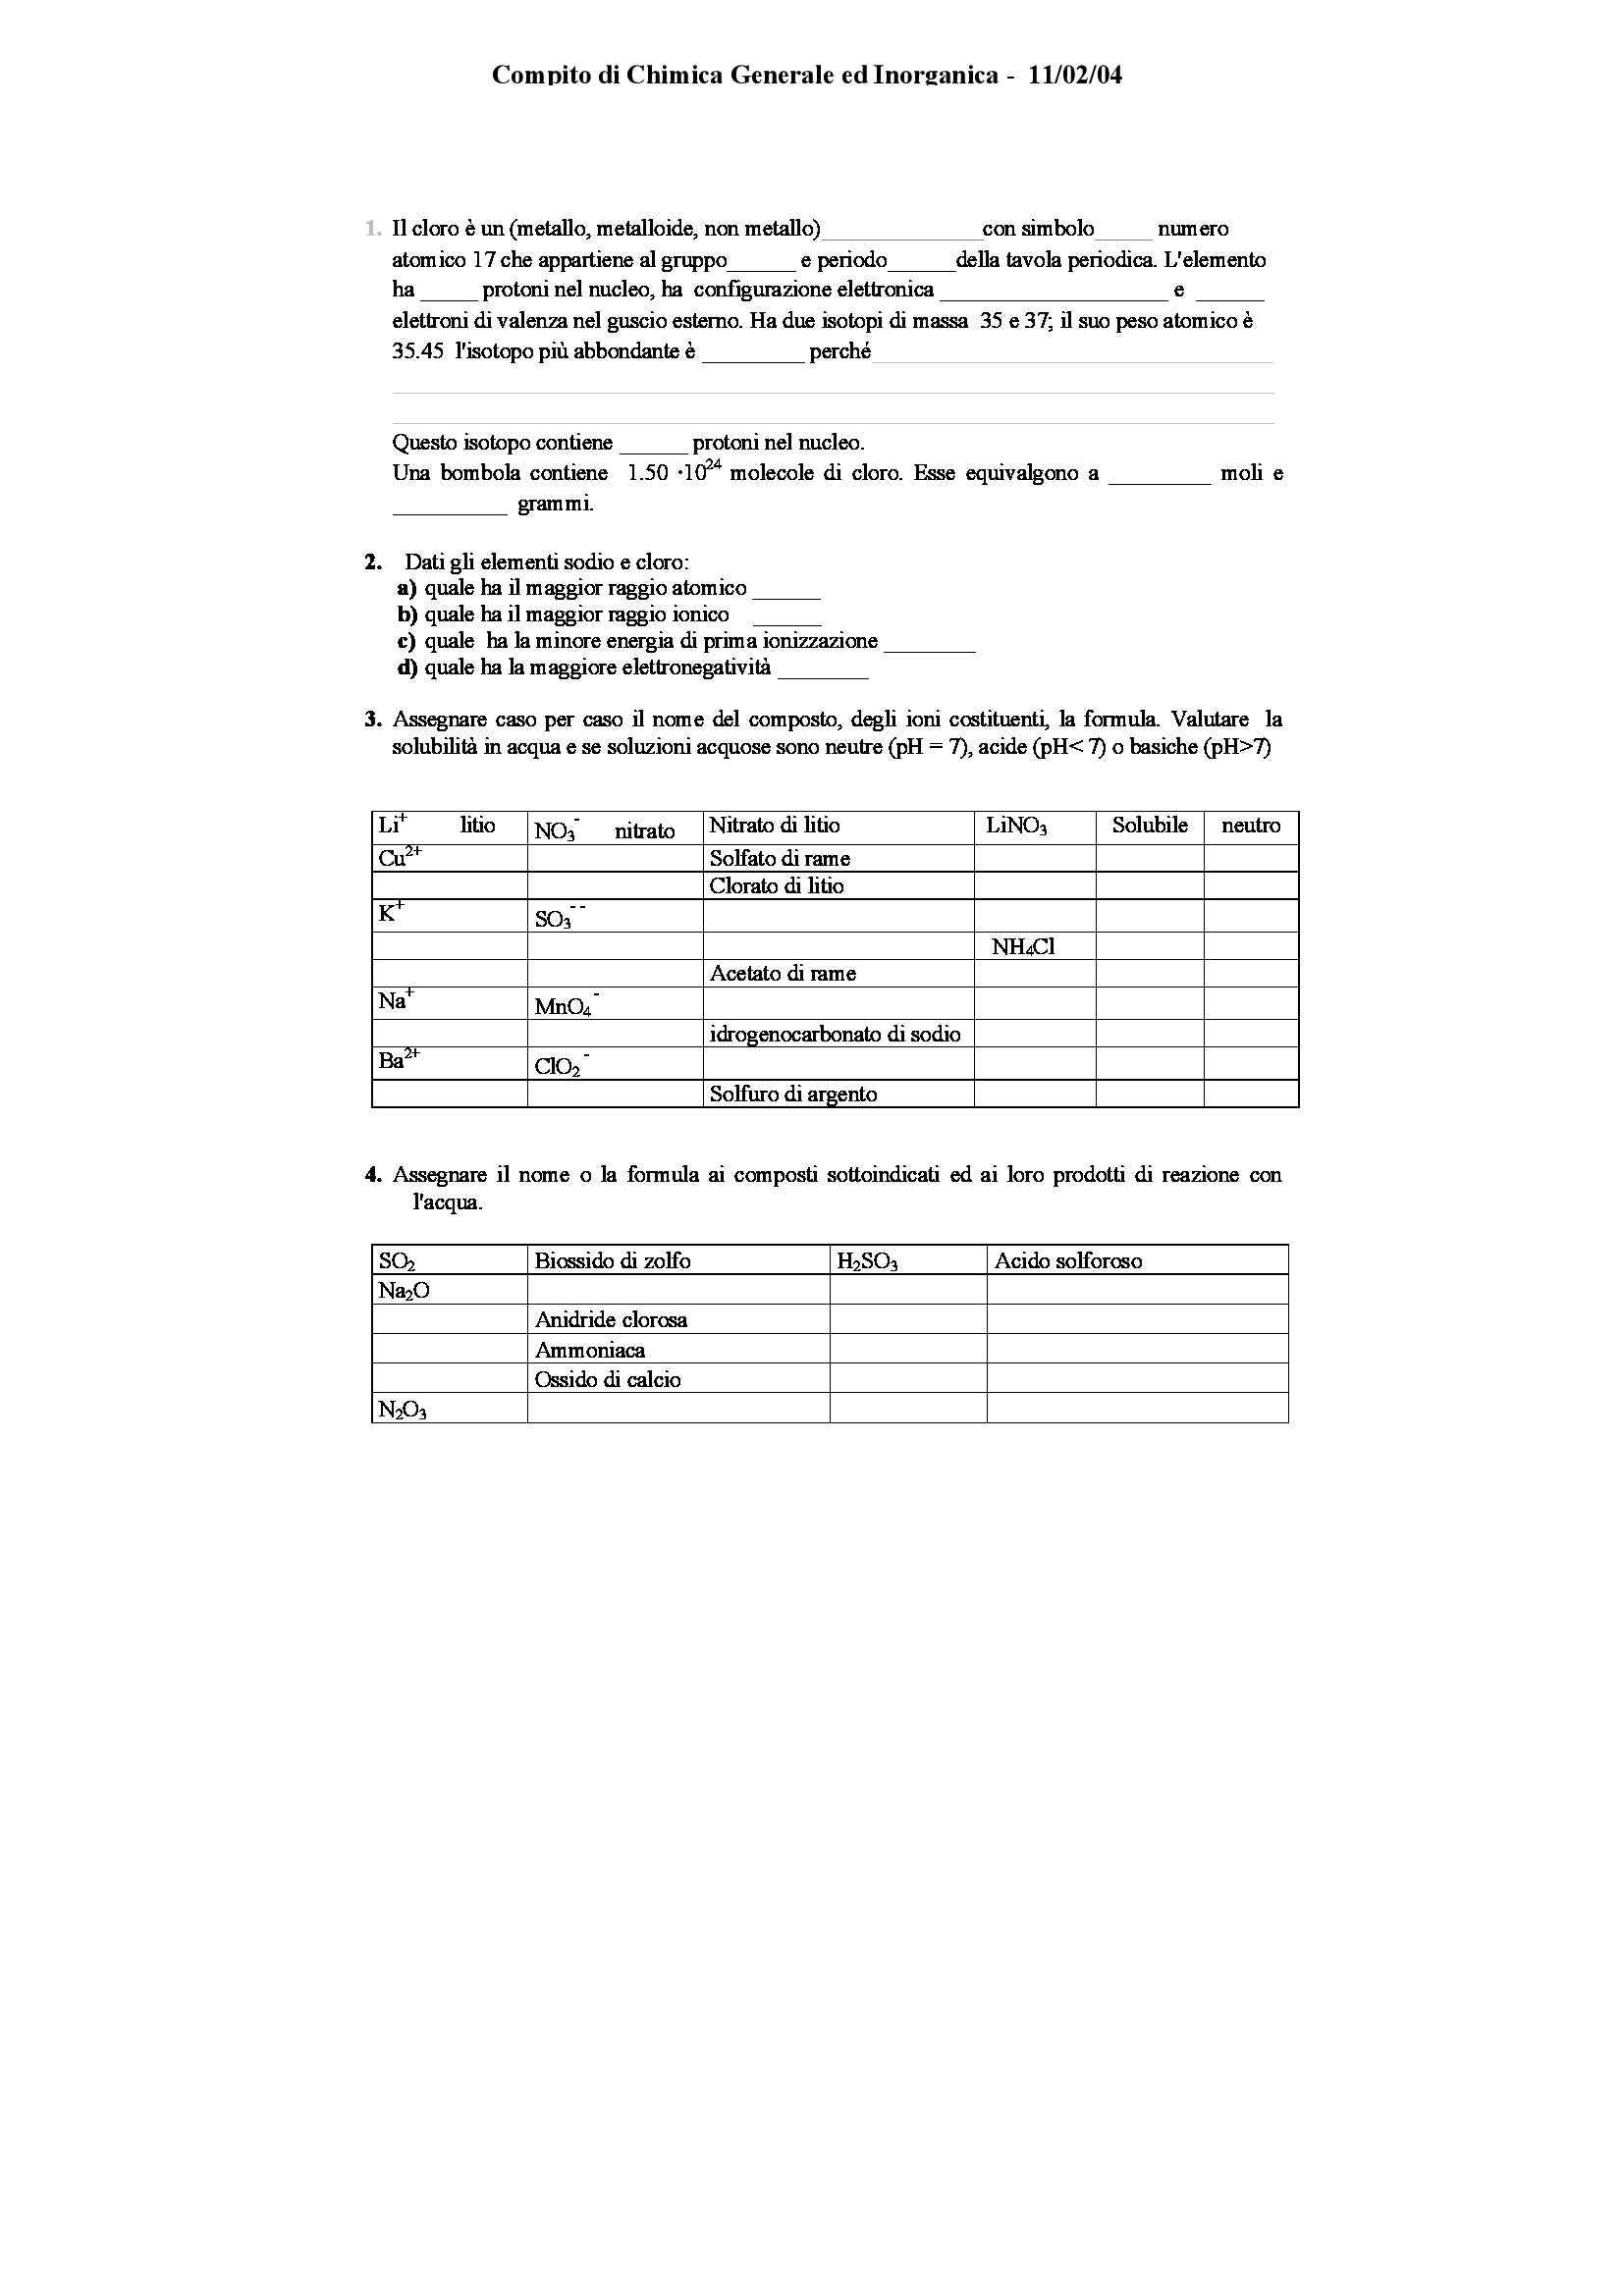 Chimica generale e inorganica - vari esercizi